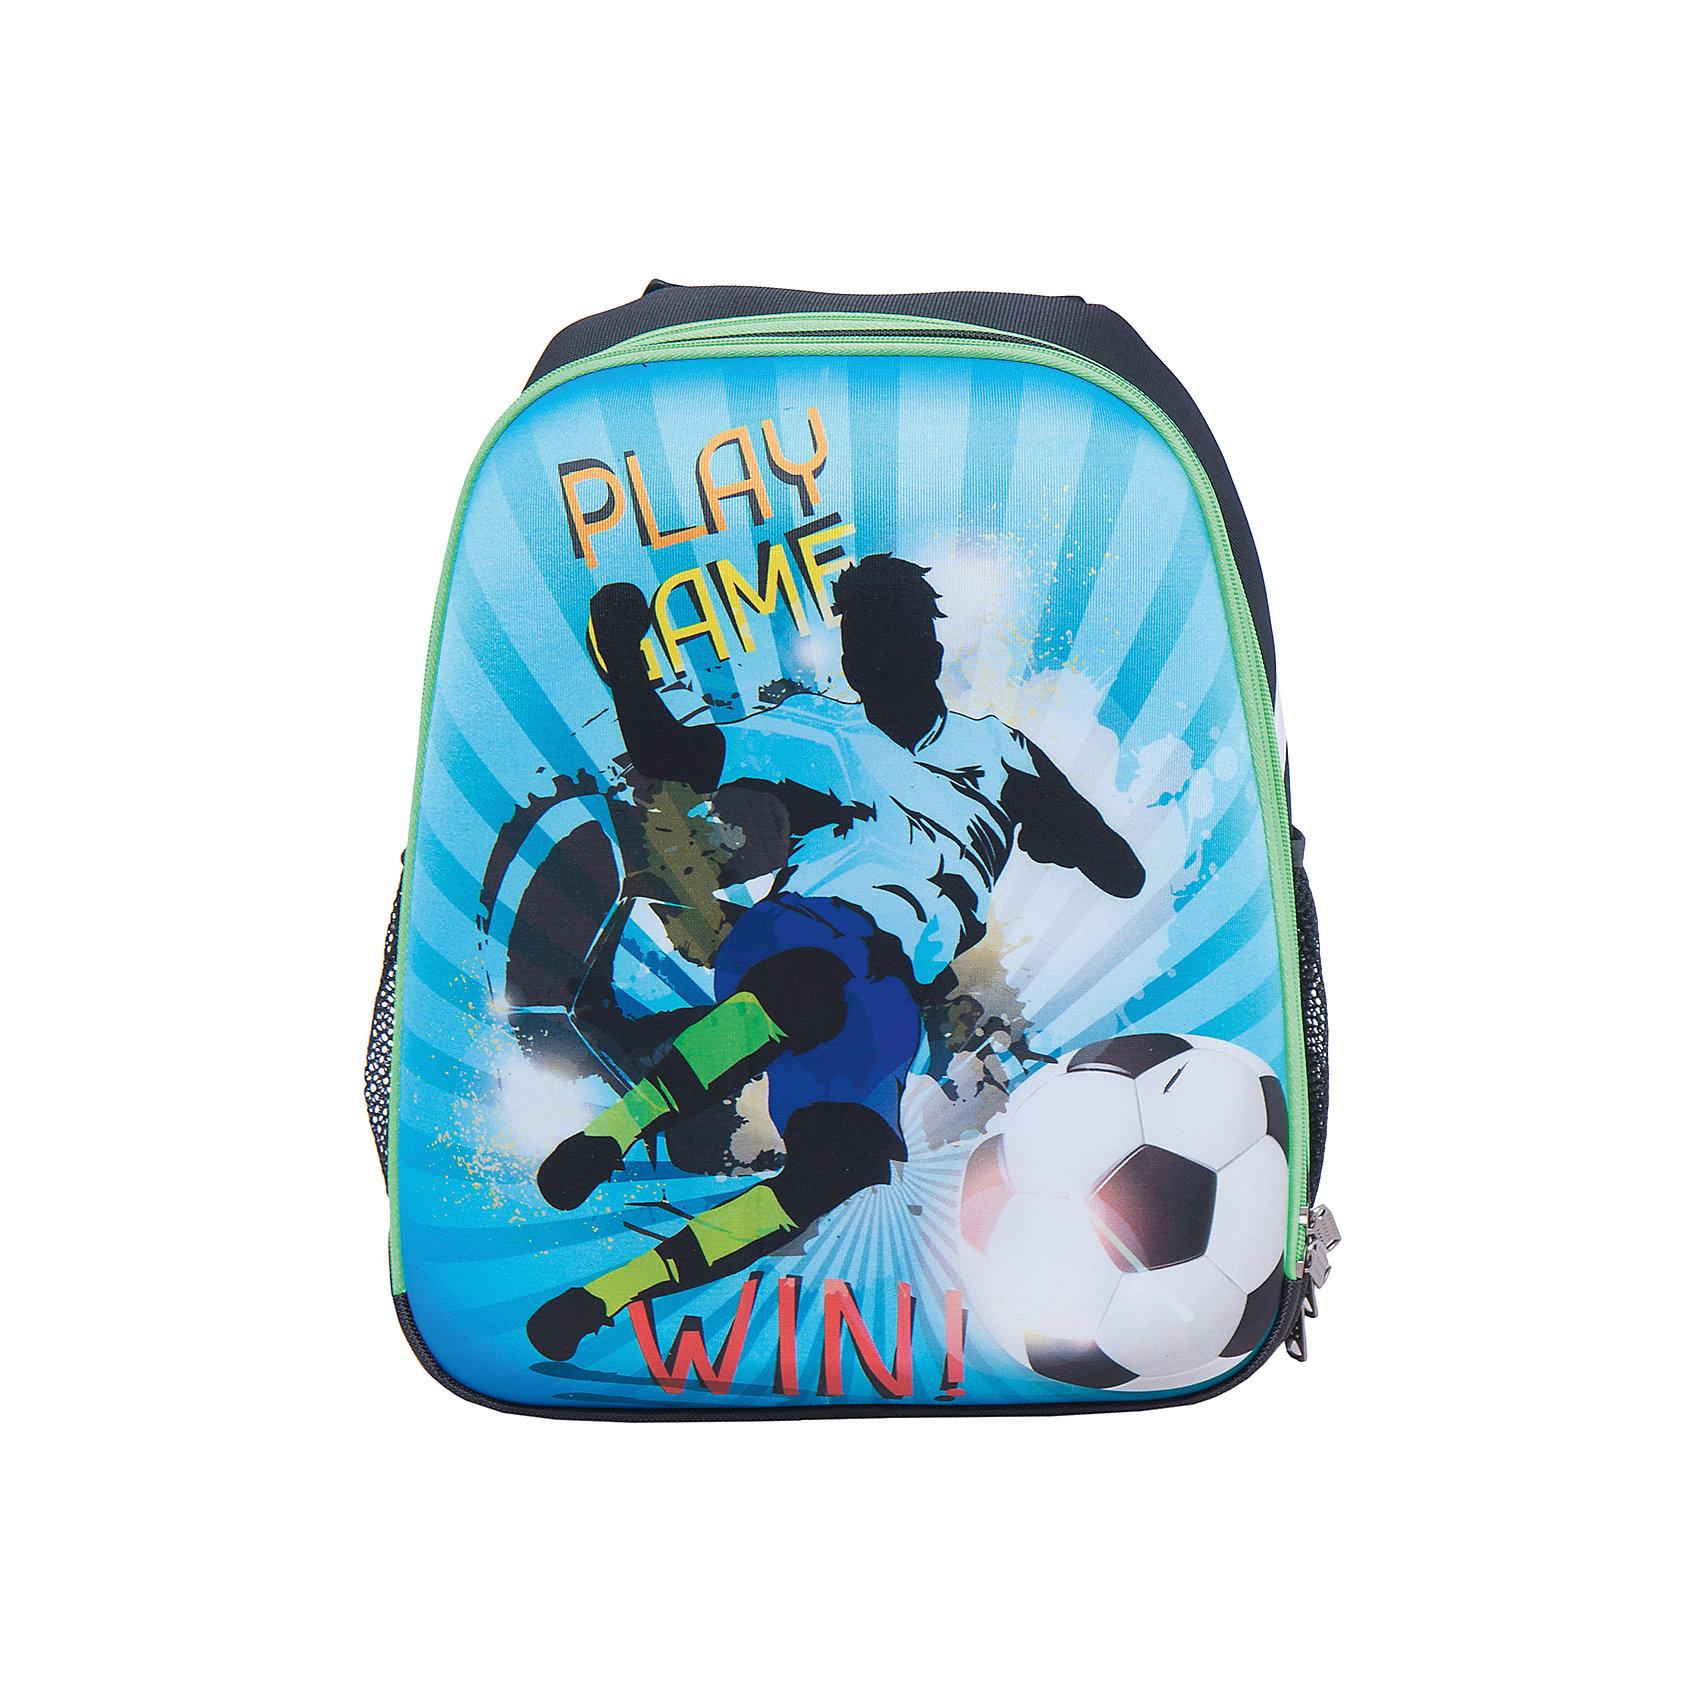 Школьный рюкзак ФутболистСтильный каркасный рюкзак Футболист: эффектный дизайн и забота в Вашем ребенке. Благодаря твердому корпусу содержимое рюкзака надежно защищено. Эргономичная спинка и широкие регулируемые лямки берегут позвоночник Вашего школьника, равномерно распределяя нагрузку. Для переноски рюкзака в руке предусмотрена удобная ручка. Внутри рюкзака 2 вместительных отделения, а также 2 боковых кармана. Плотное дно надежно защищает учебники и тетрадки от промокания, даже если поставить рюкзак в лужу!<br><br>Дополнительная информация:<br>- размеры: 38х31,5х17 см<br>- вес: 900 гр.<br>- материал: нейлон, полиэстер, передняя и боковые части - вспененный формованный микропористый полимер<br>- принт устойчив к выгоранию<br>- застежка-молния с легким ходом<br><br>Каркасный рюкзак Футболист  можно купить в нашем интернет-магазине<br><br>Ширина мм: 170<br>Глубина мм: 315<br>Высота мм: 380<br>Вес г: 750<br>Возраст от месяцев: 72<br>Возраст до месяцев: 144<br>Пол: Мужской<br>Возраст: Детский<br>SKU: 4616120